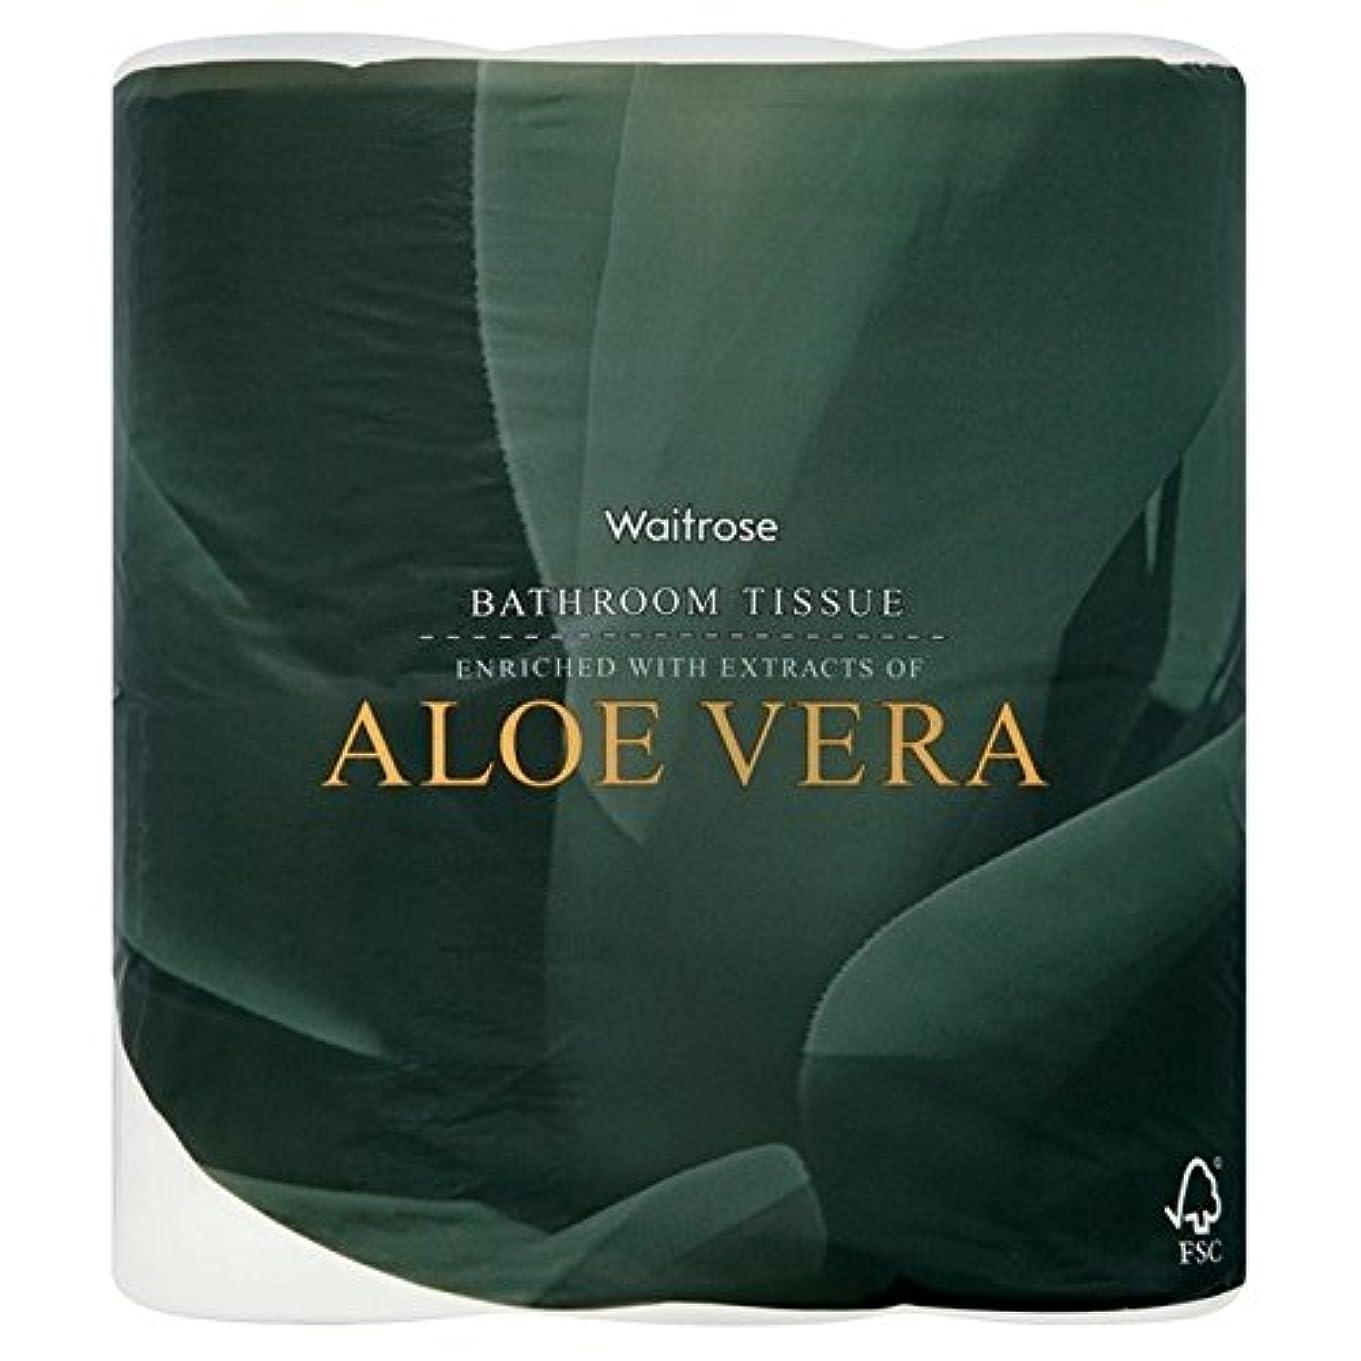 再撮り激しい空のパックあたりアロエベラ浴室組織白ウェイトローズ4 x2 - Aloe Vera Bathroom Tissue White Waitrose 4 per pack (Pack of 2) [並行輸入品]